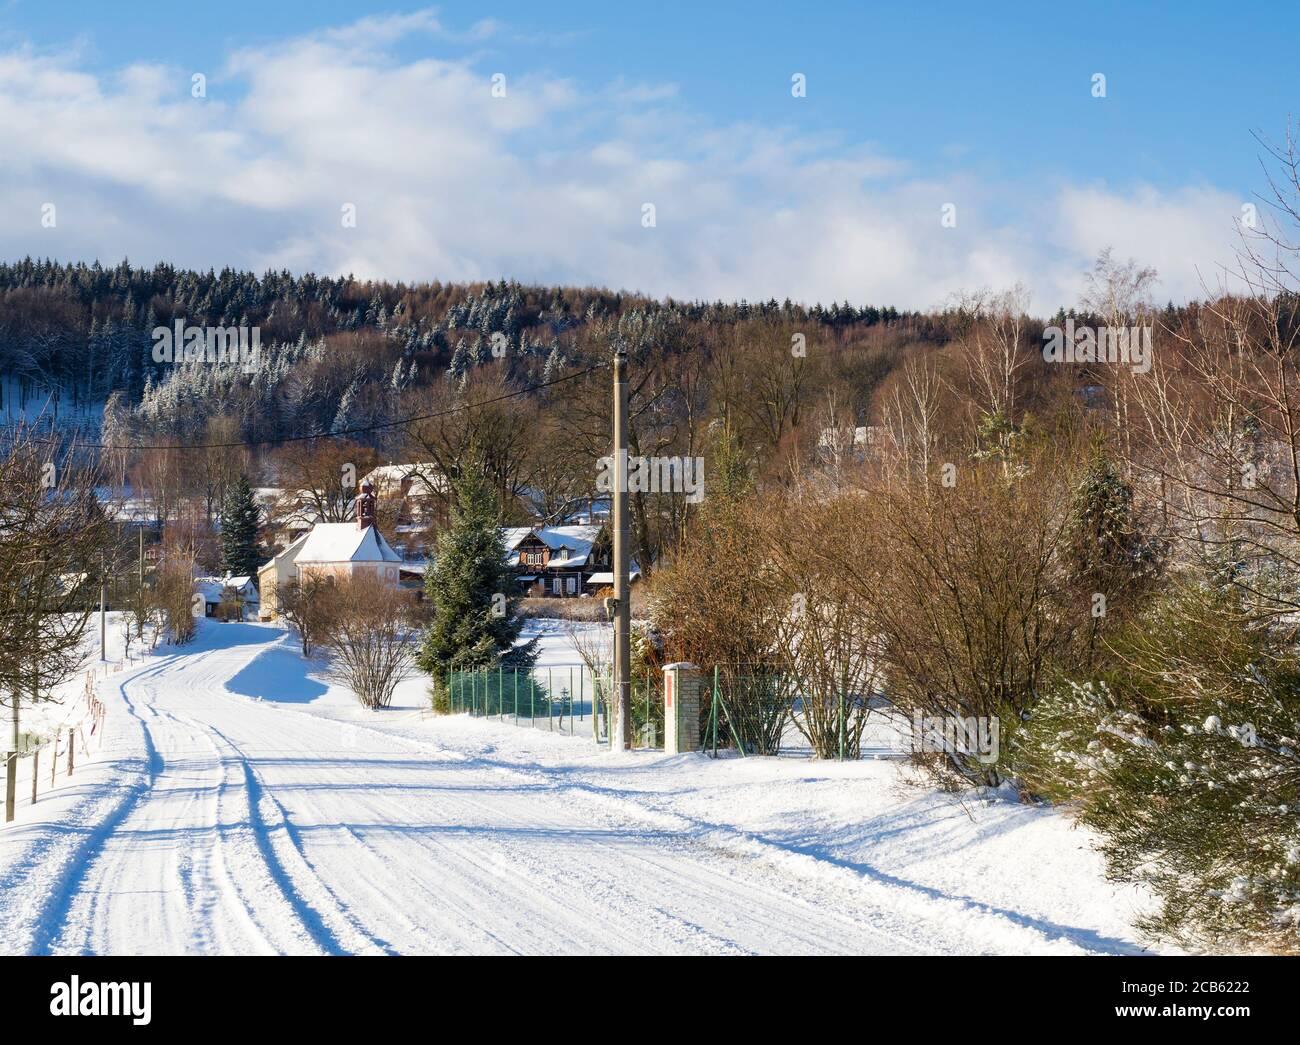 vista de invierno en el pueblo travnik con capilla, casa de madera y árboles, paisaje rural cubierto de nieve con en luzicke hory montaña Foto de stock